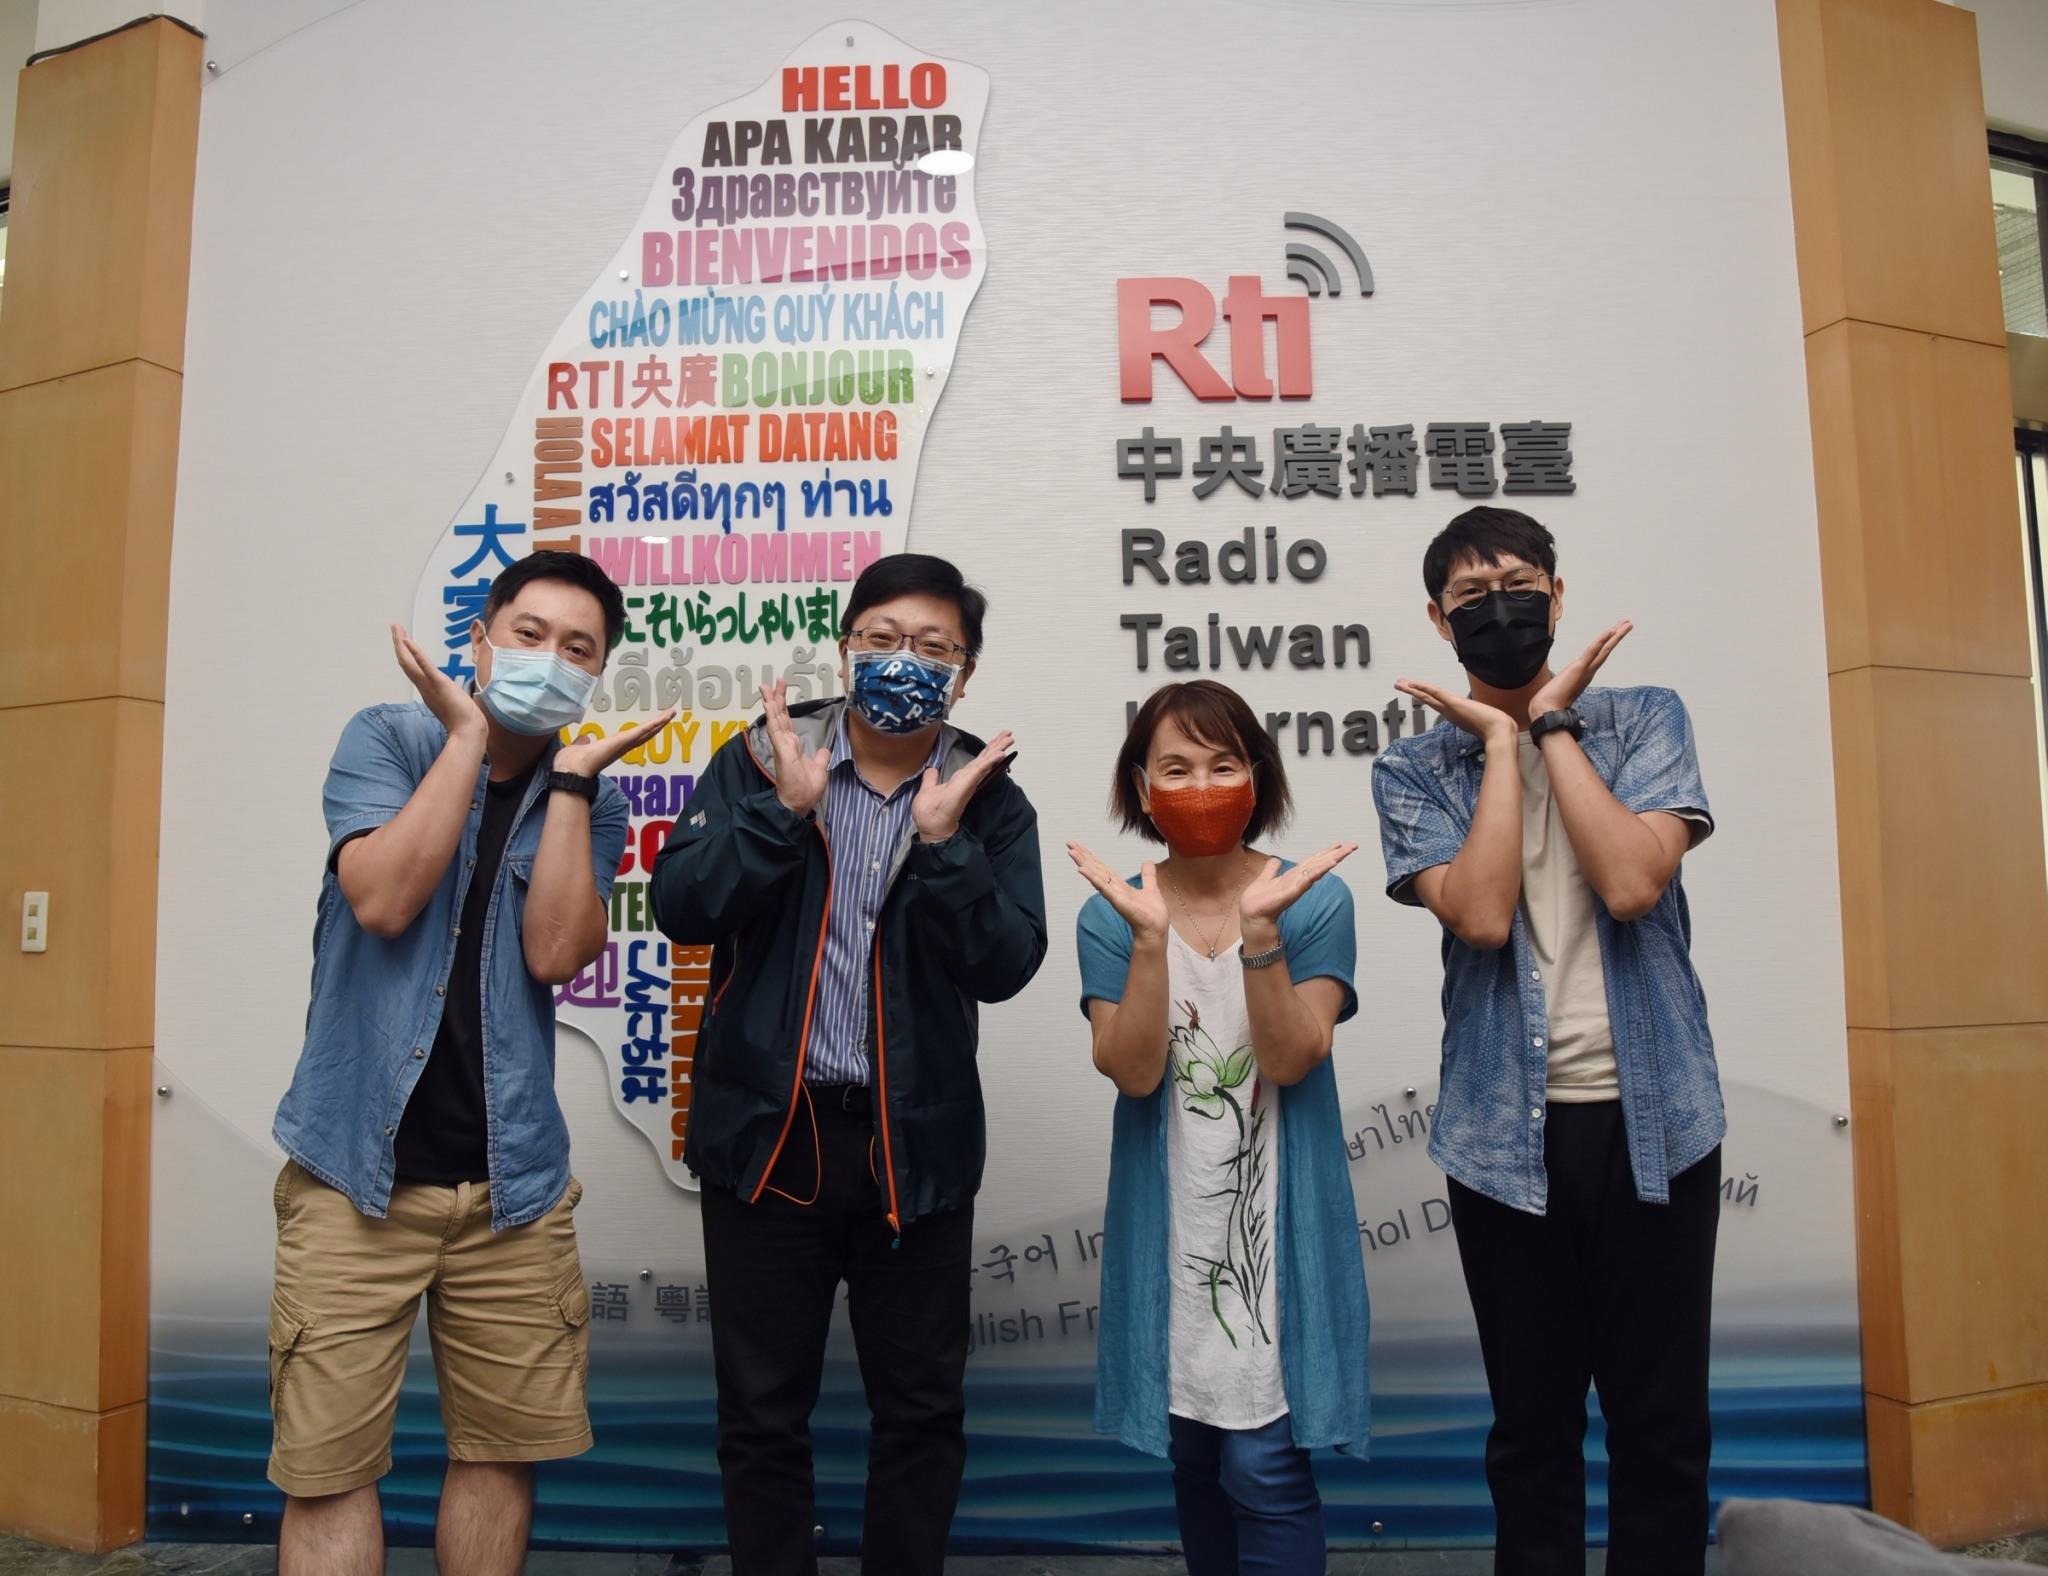 疫情降級,藝文解封,八月的台北市很客家(下)